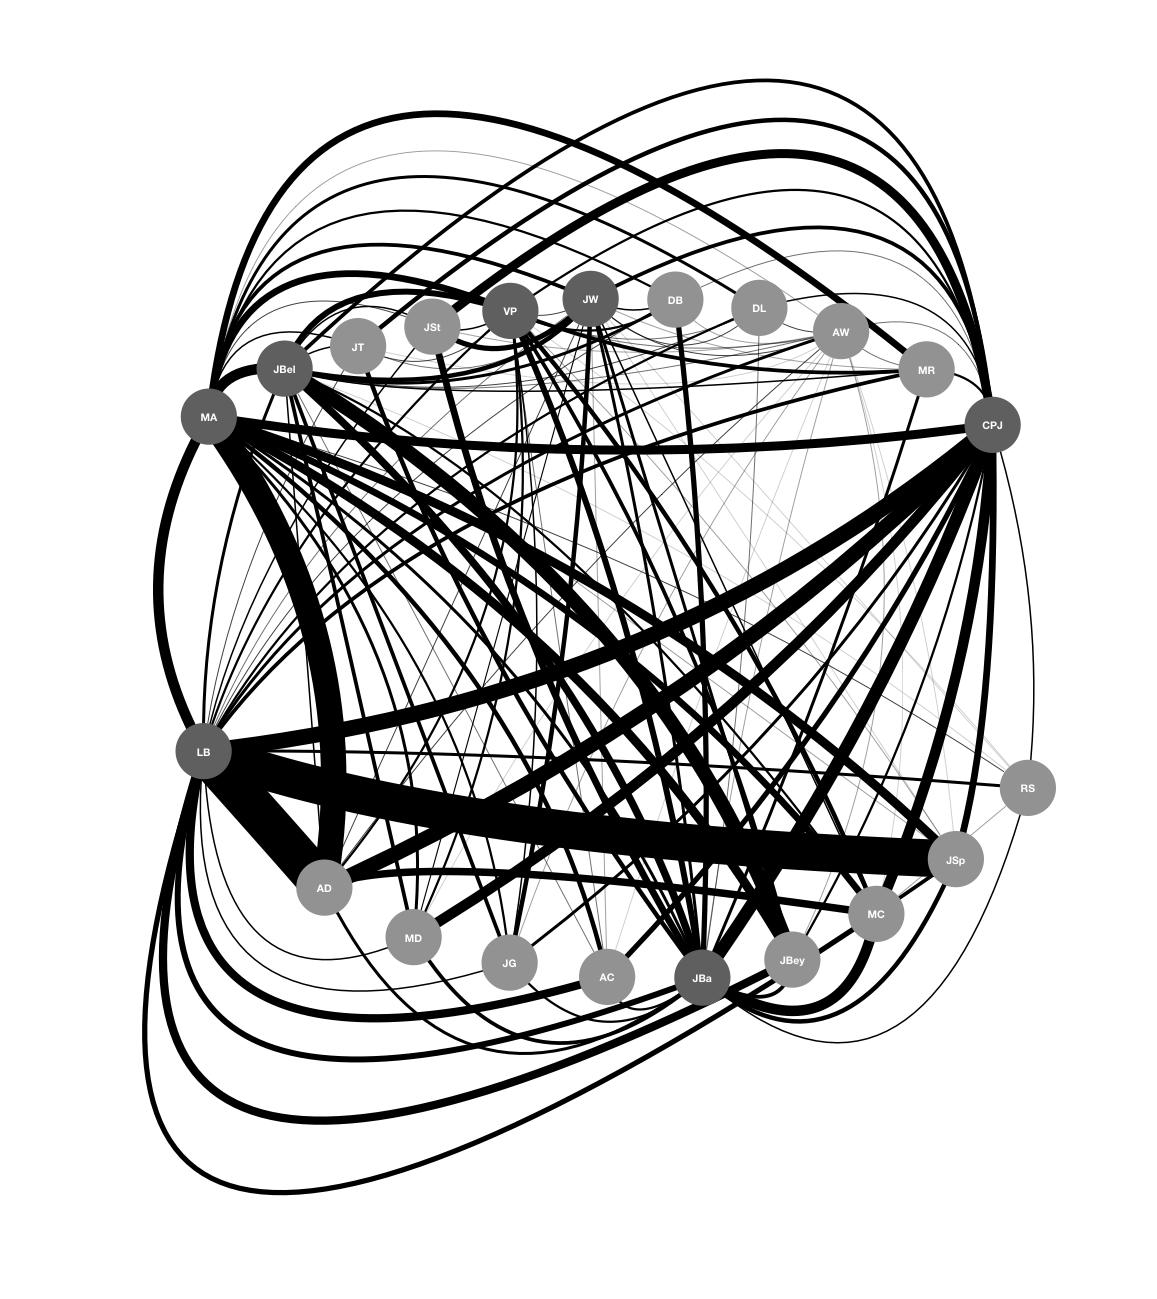 Connectedness | exitcreative